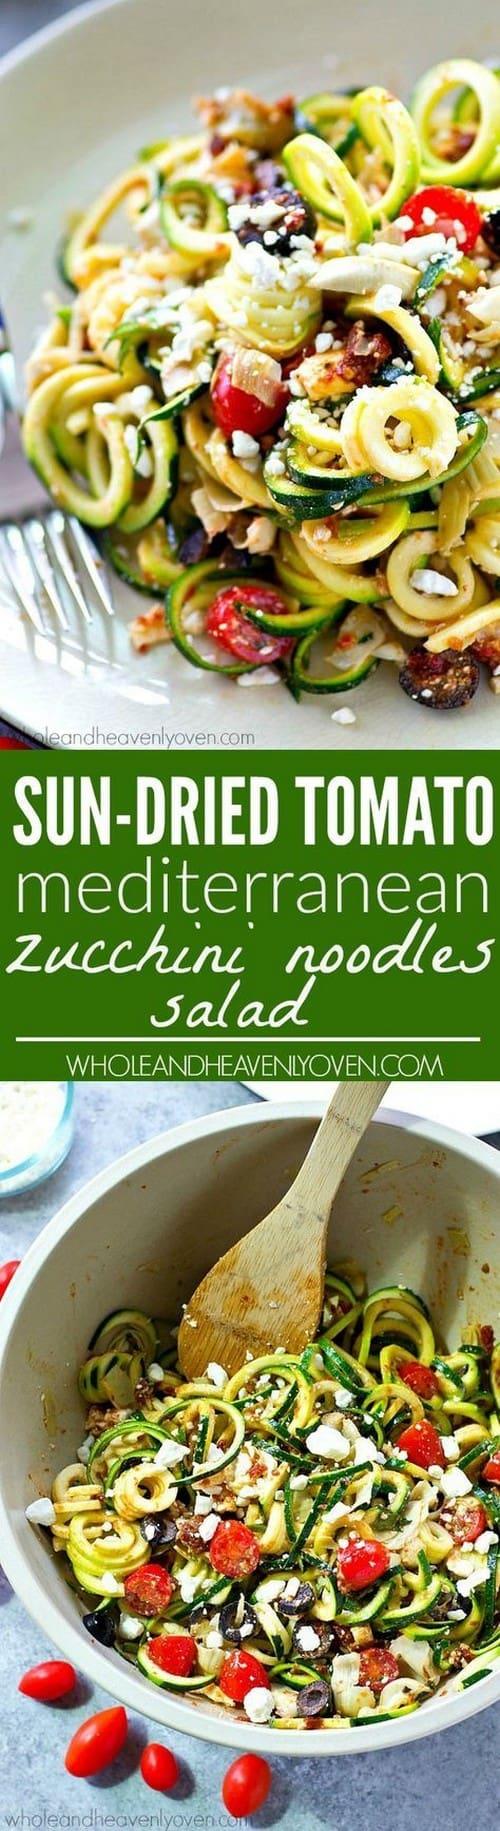 Sun-Dried Tomato Mediterranean Zucchini Noodle Salad